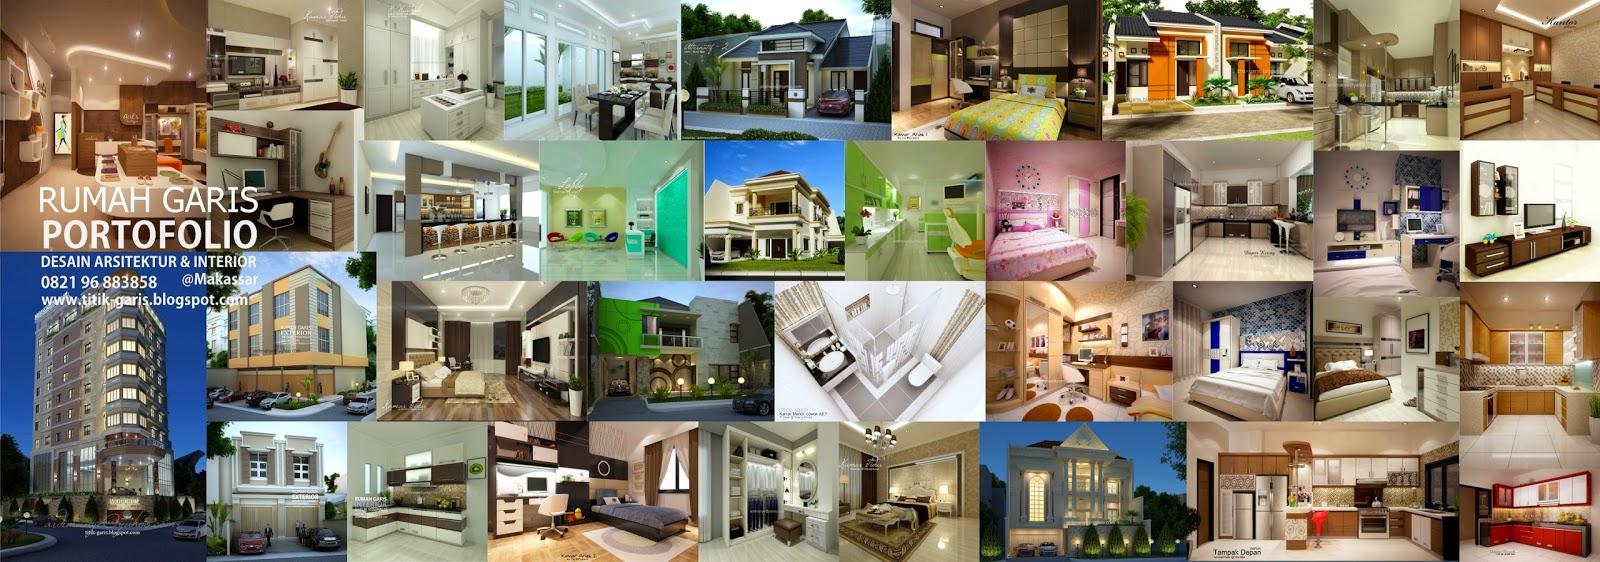 rumah takalar, desain rumah minimalis, rumah mewah, arsitek Makassar Gowa Takalar